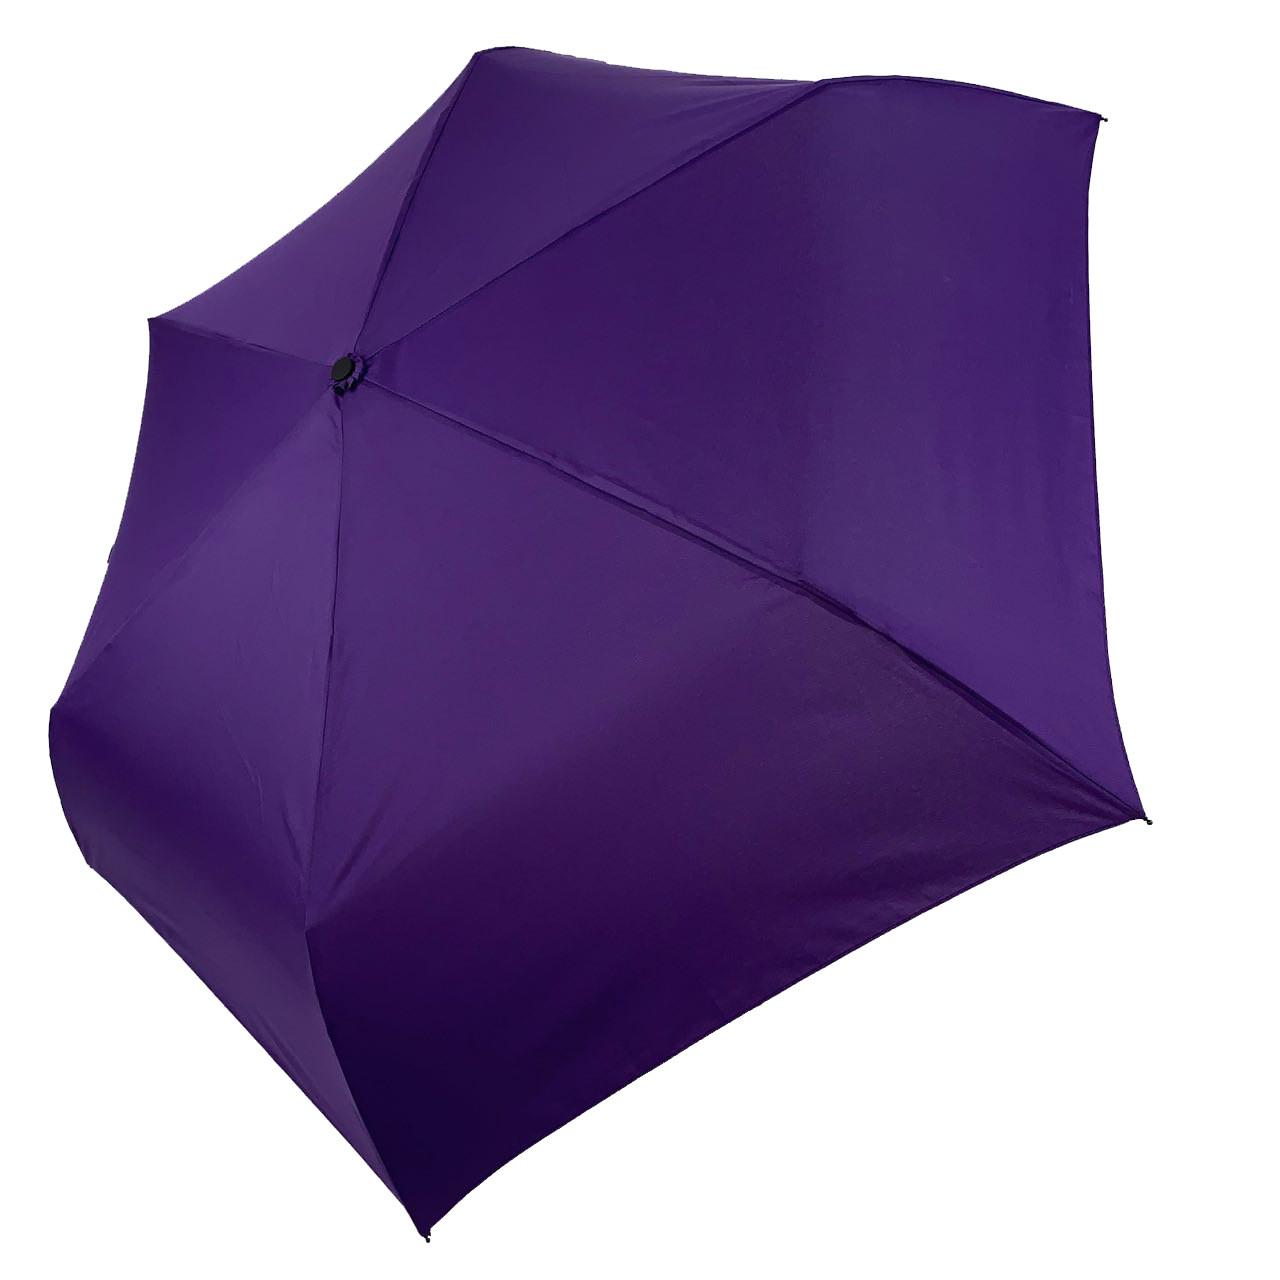 Детский механический зонт-карандаш SL, фиолетовый цвет,  SL488-3